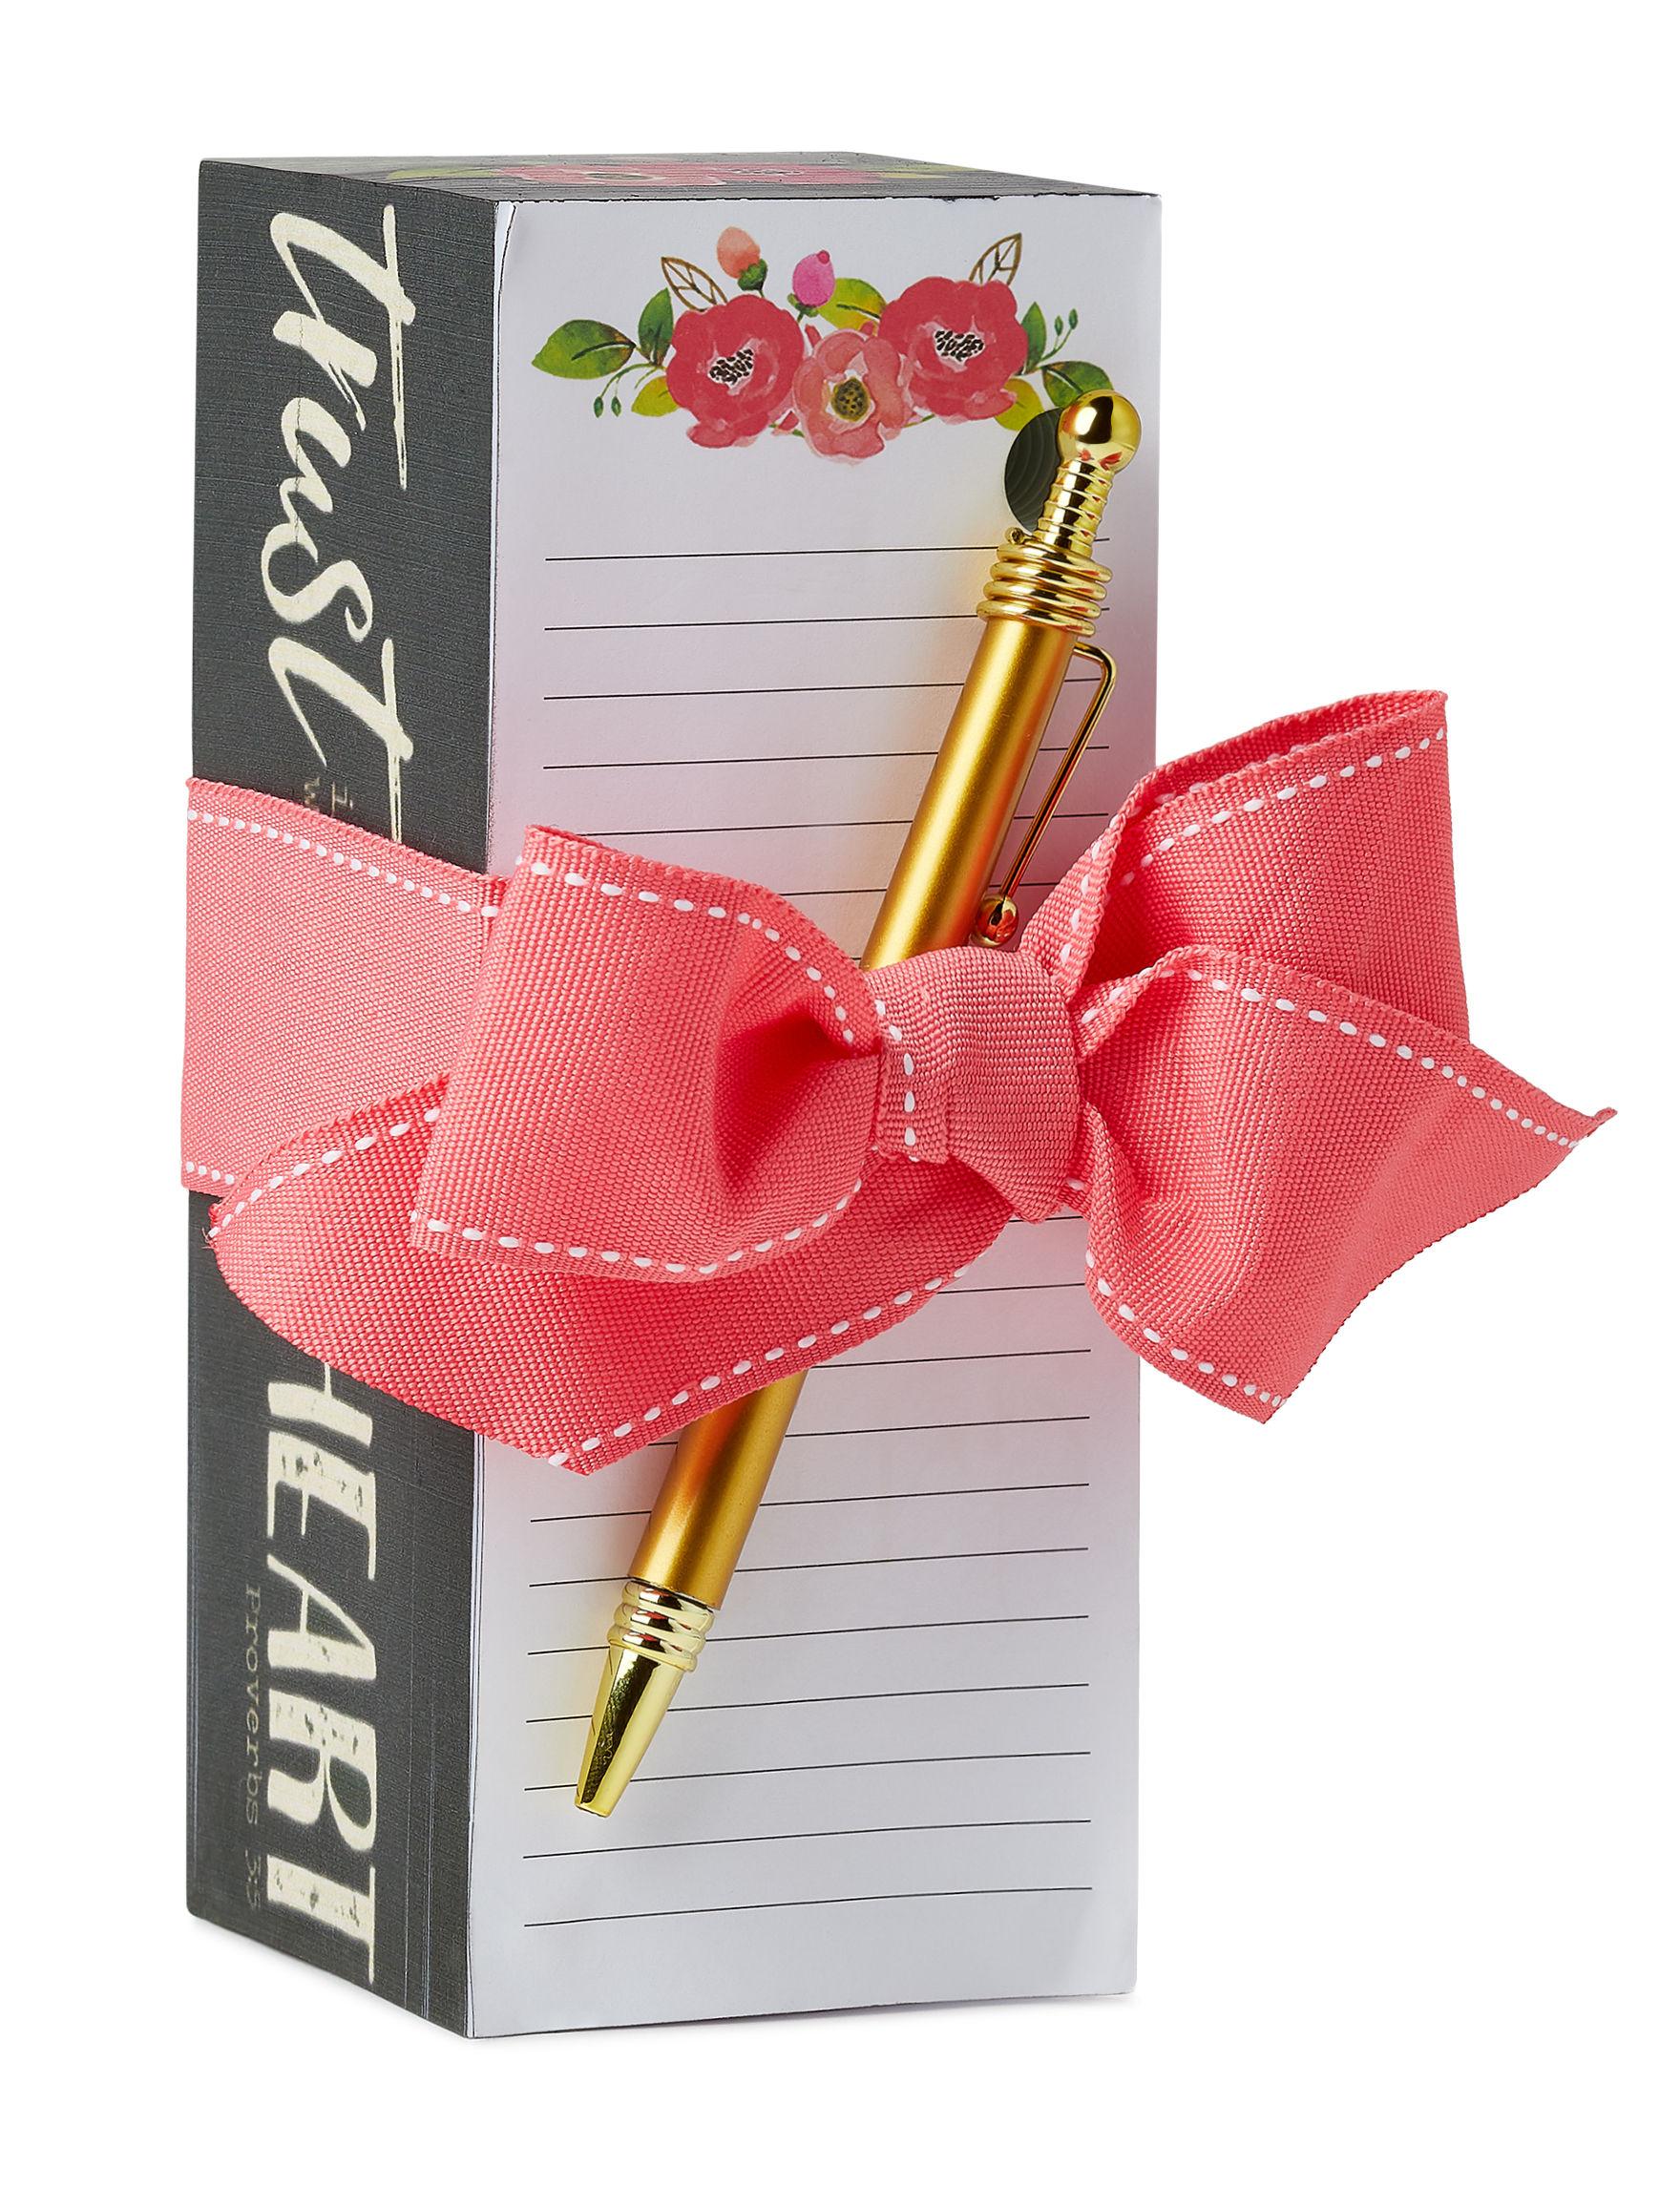 Tri Coastal White Journals & Notepads School & Office Supplies